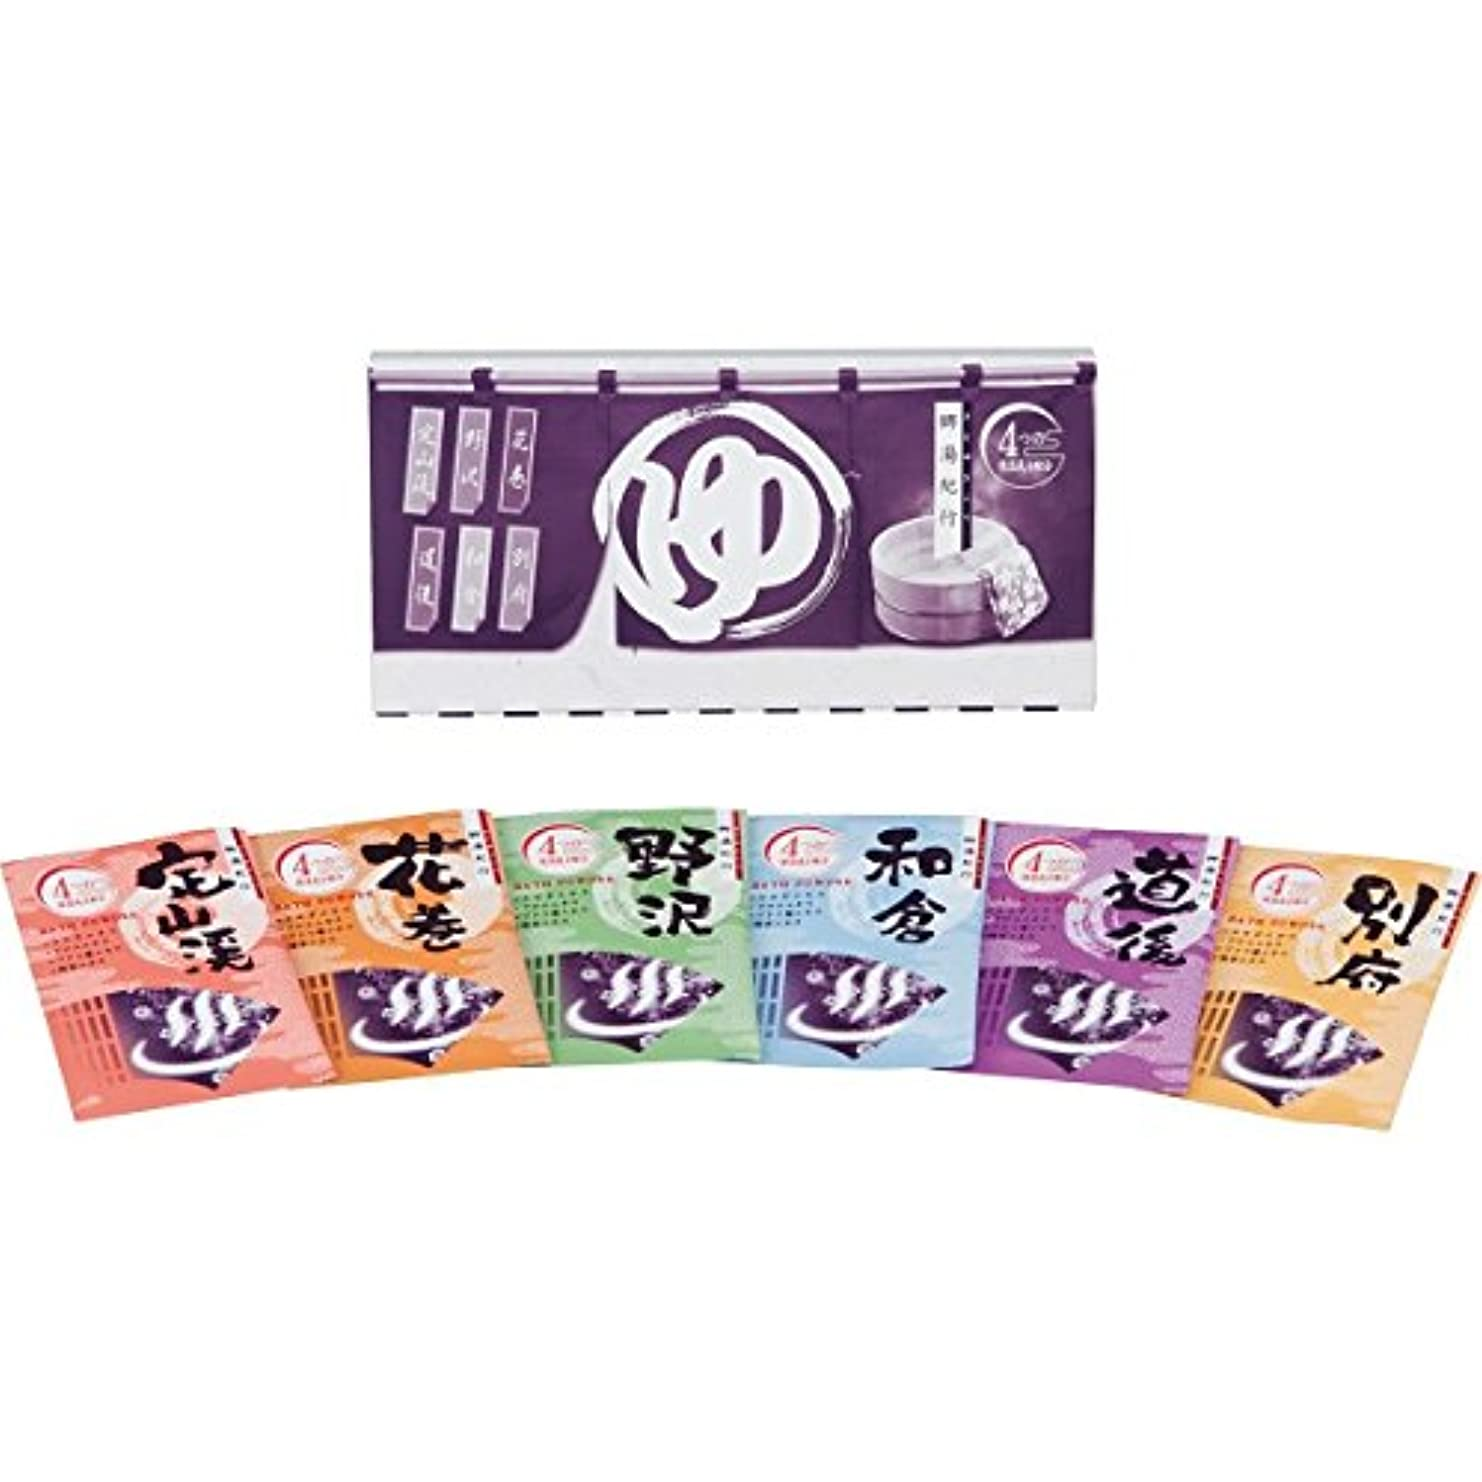 ペインギリック誘う誓い薬用入浴剤 郷湯紀行(6包入) 6SS506